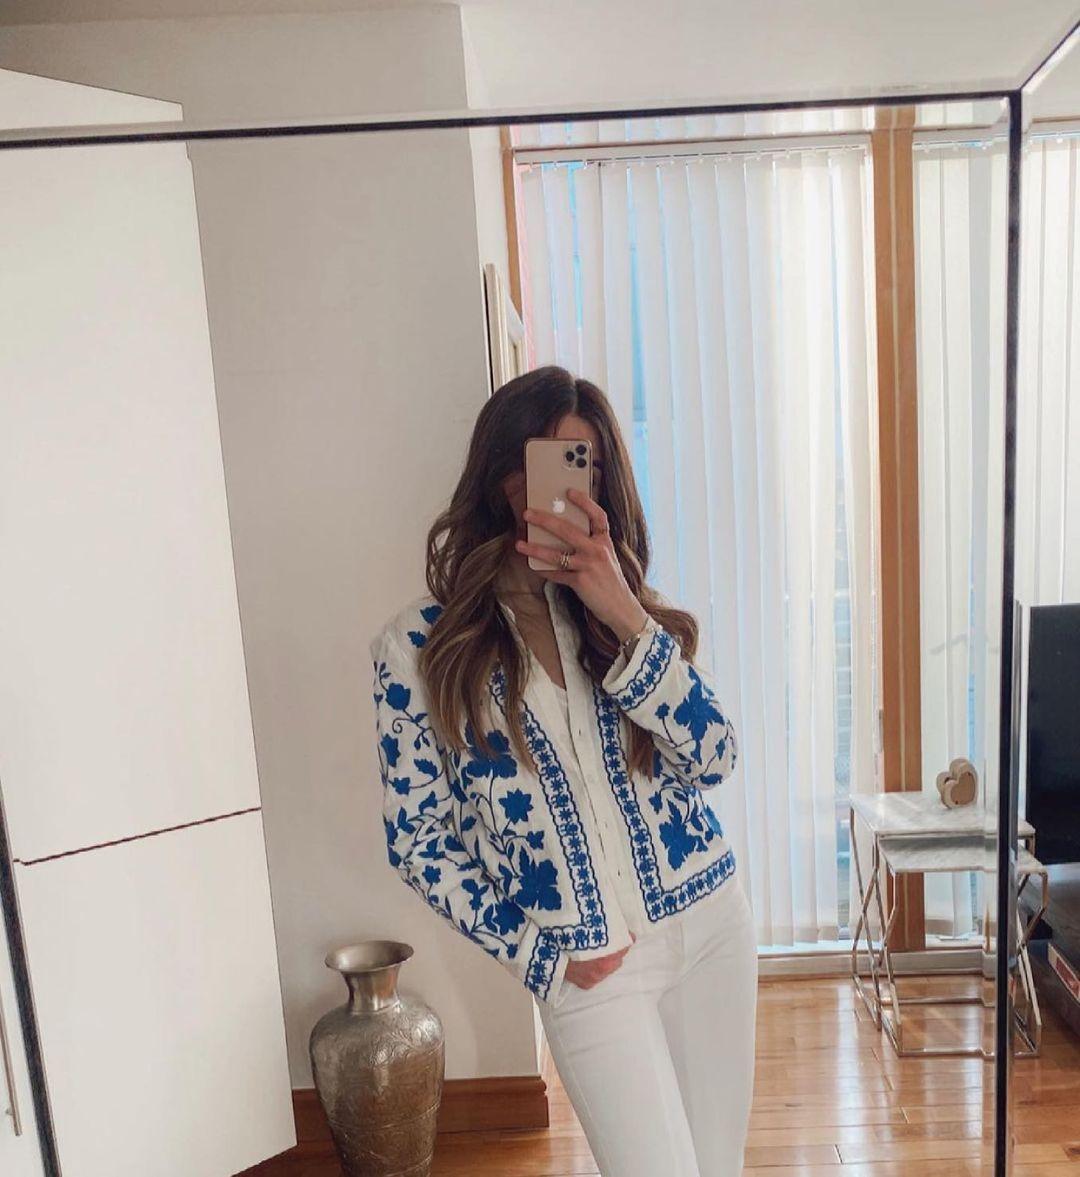 chemise brodée de Zara sur zara.outfits